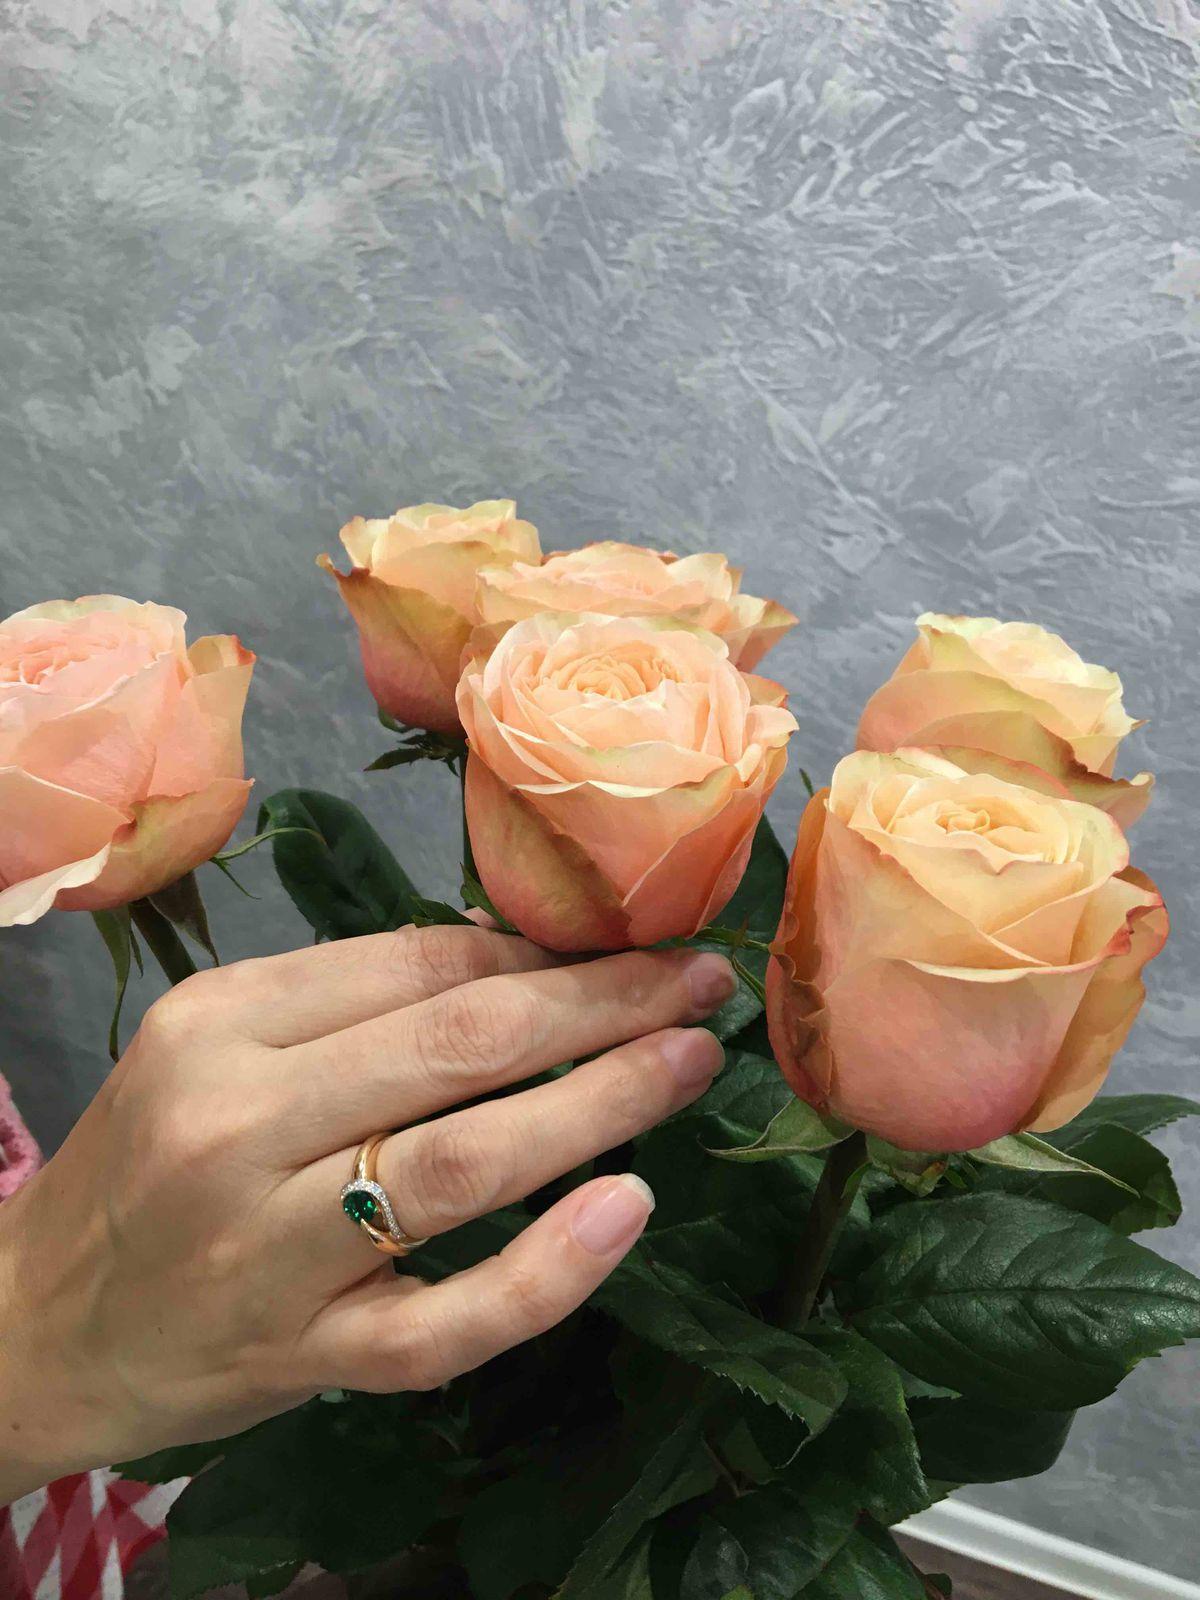 Очень красивое кольцо с изумрудом и брилиантами😃👍🏻